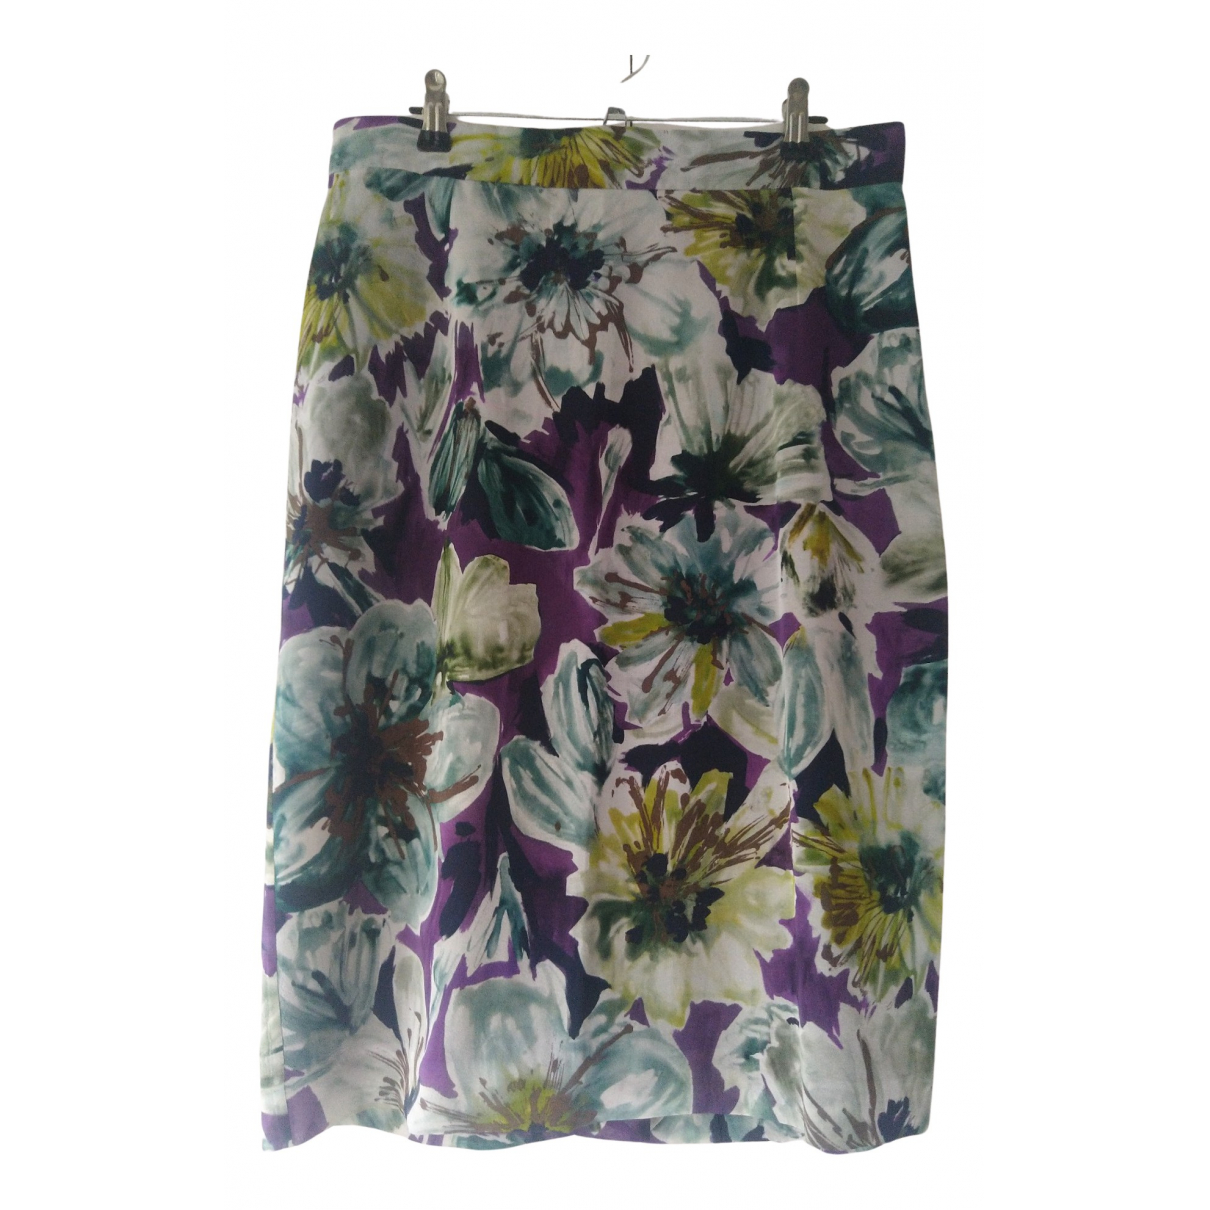 D&g - Jupe   pour femme en soie - multicolore